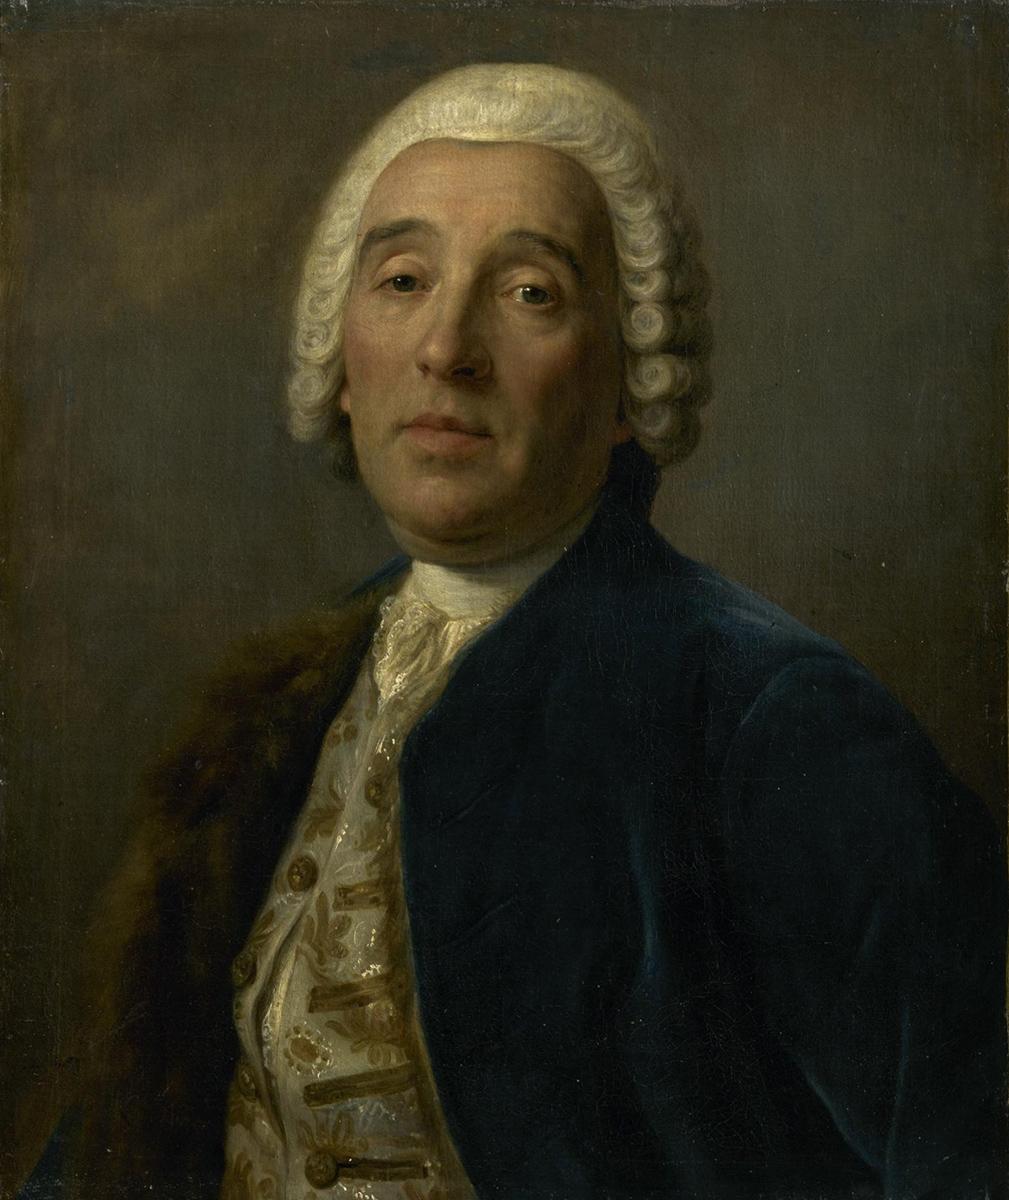 Ротари - Портрет архитектора Бартоломео Растрелли.jpg